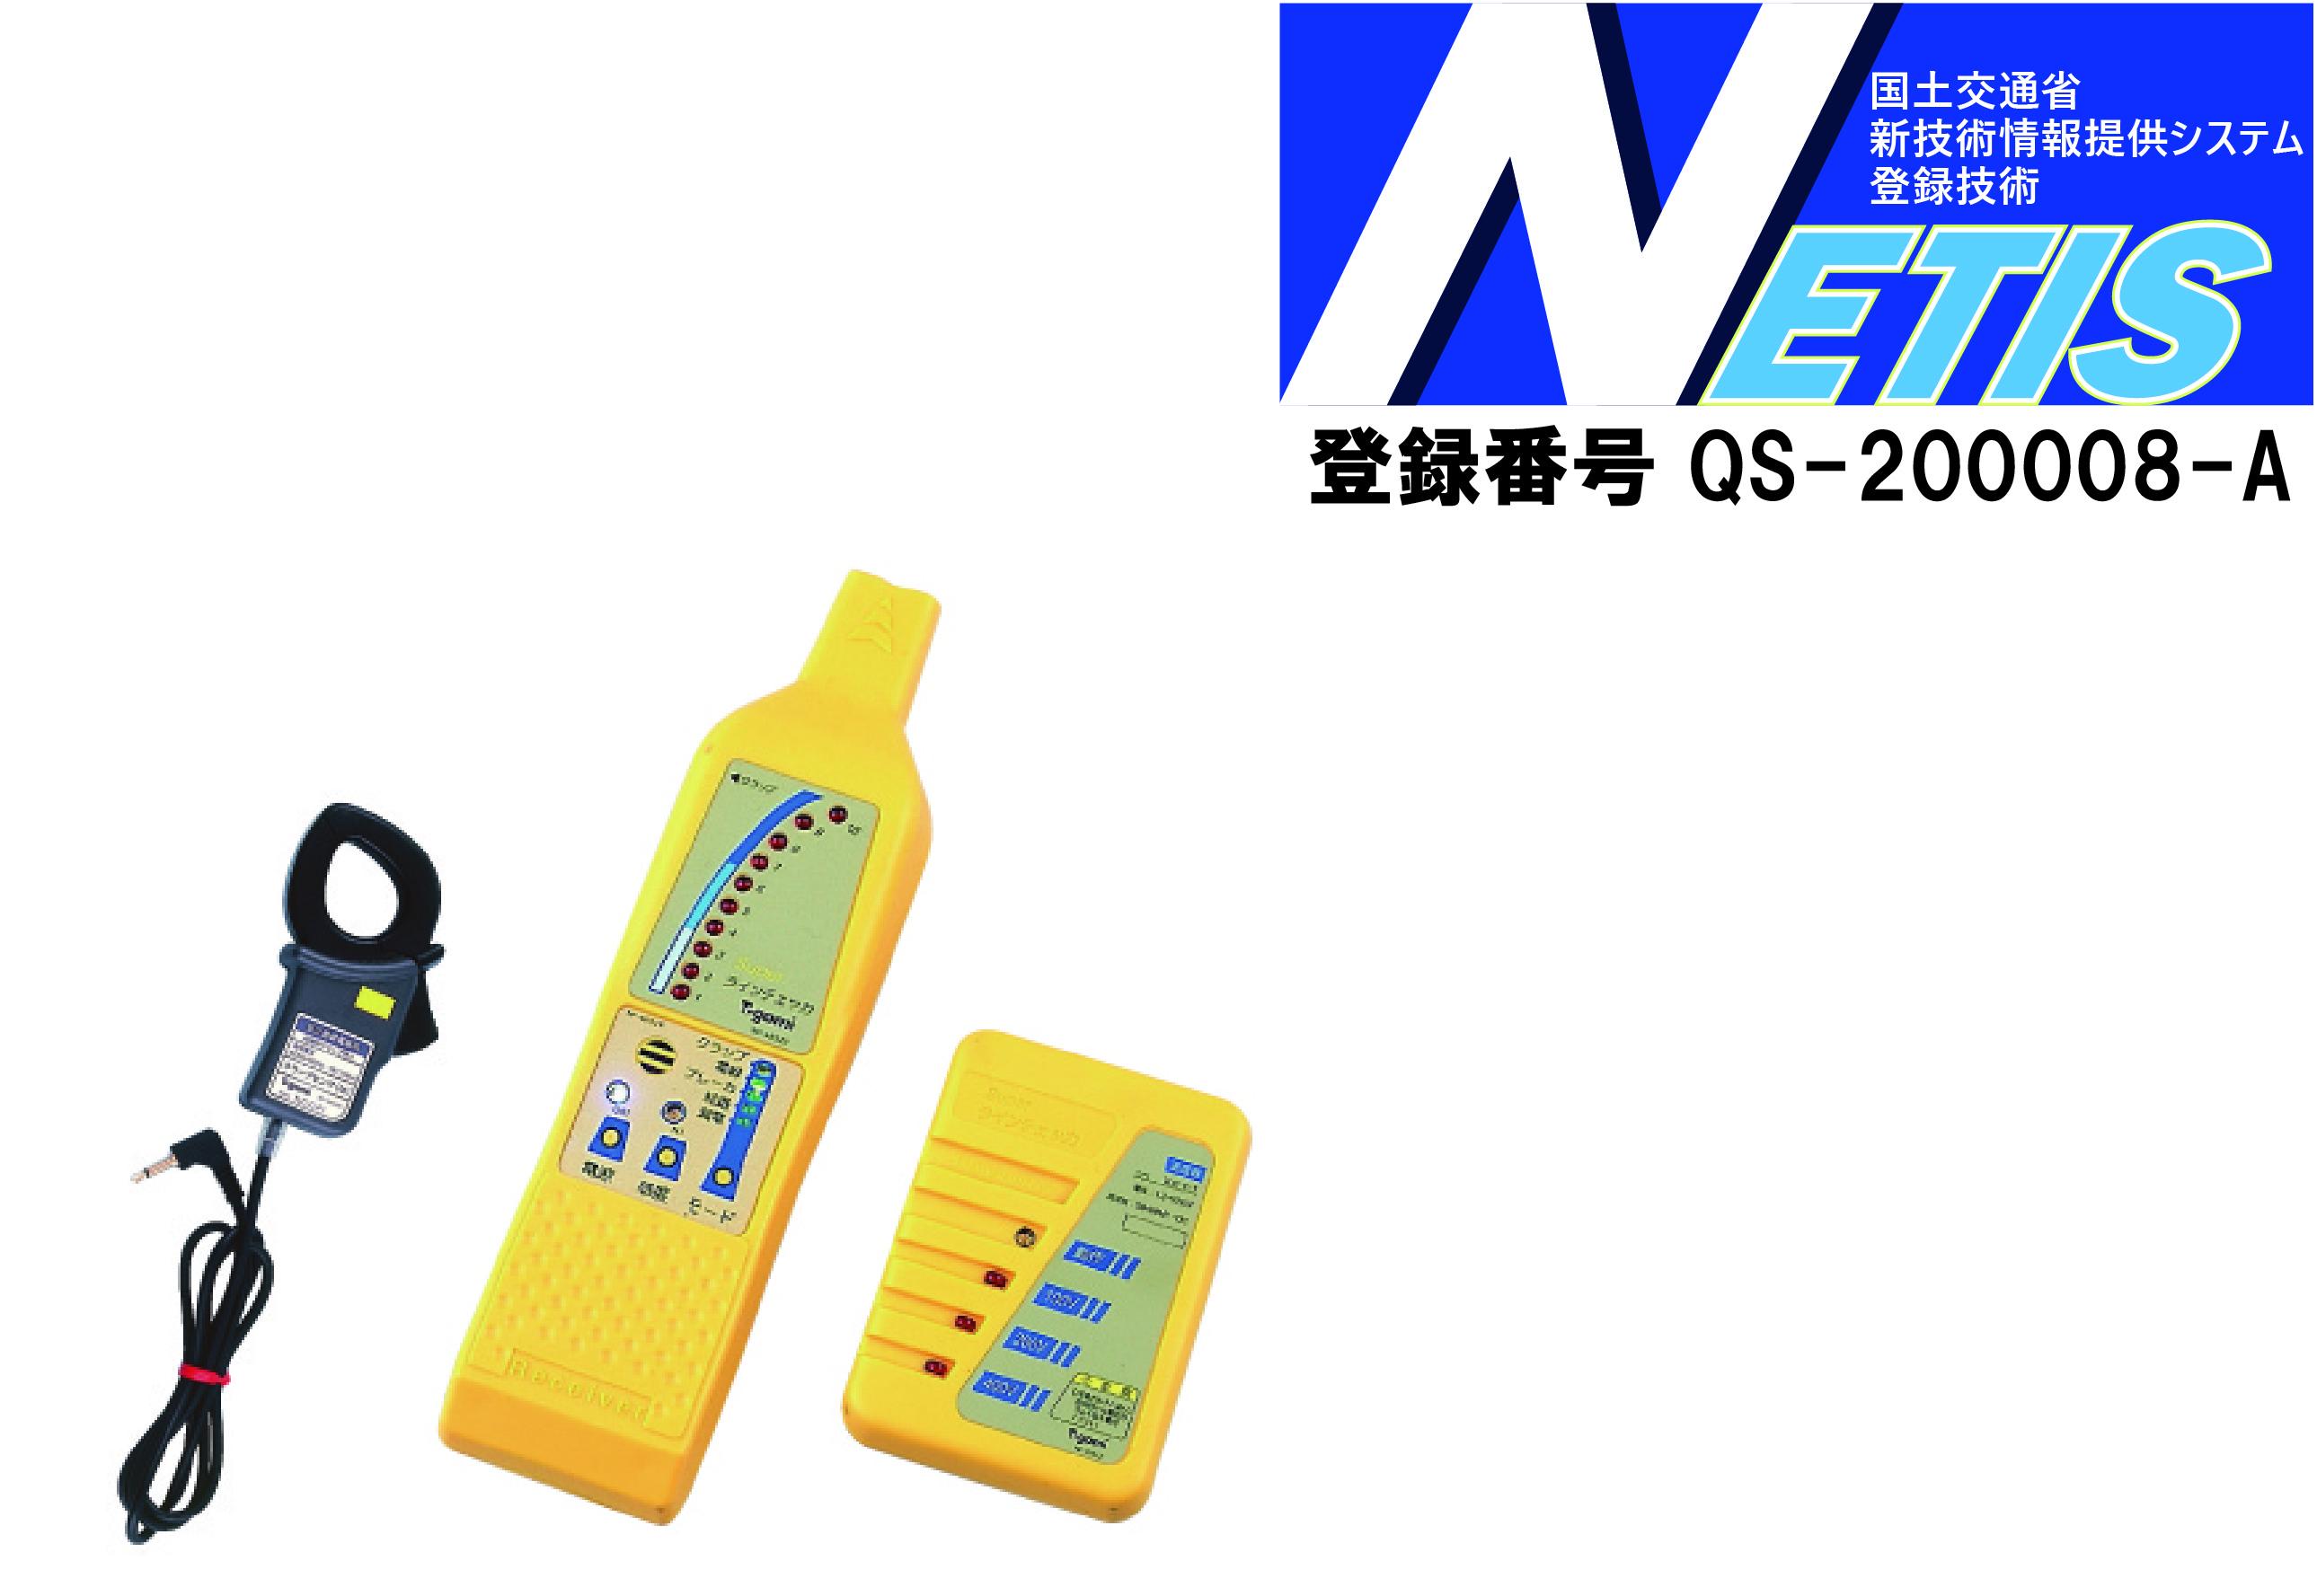 低圧配線路探査器 Super ラインチェッカ